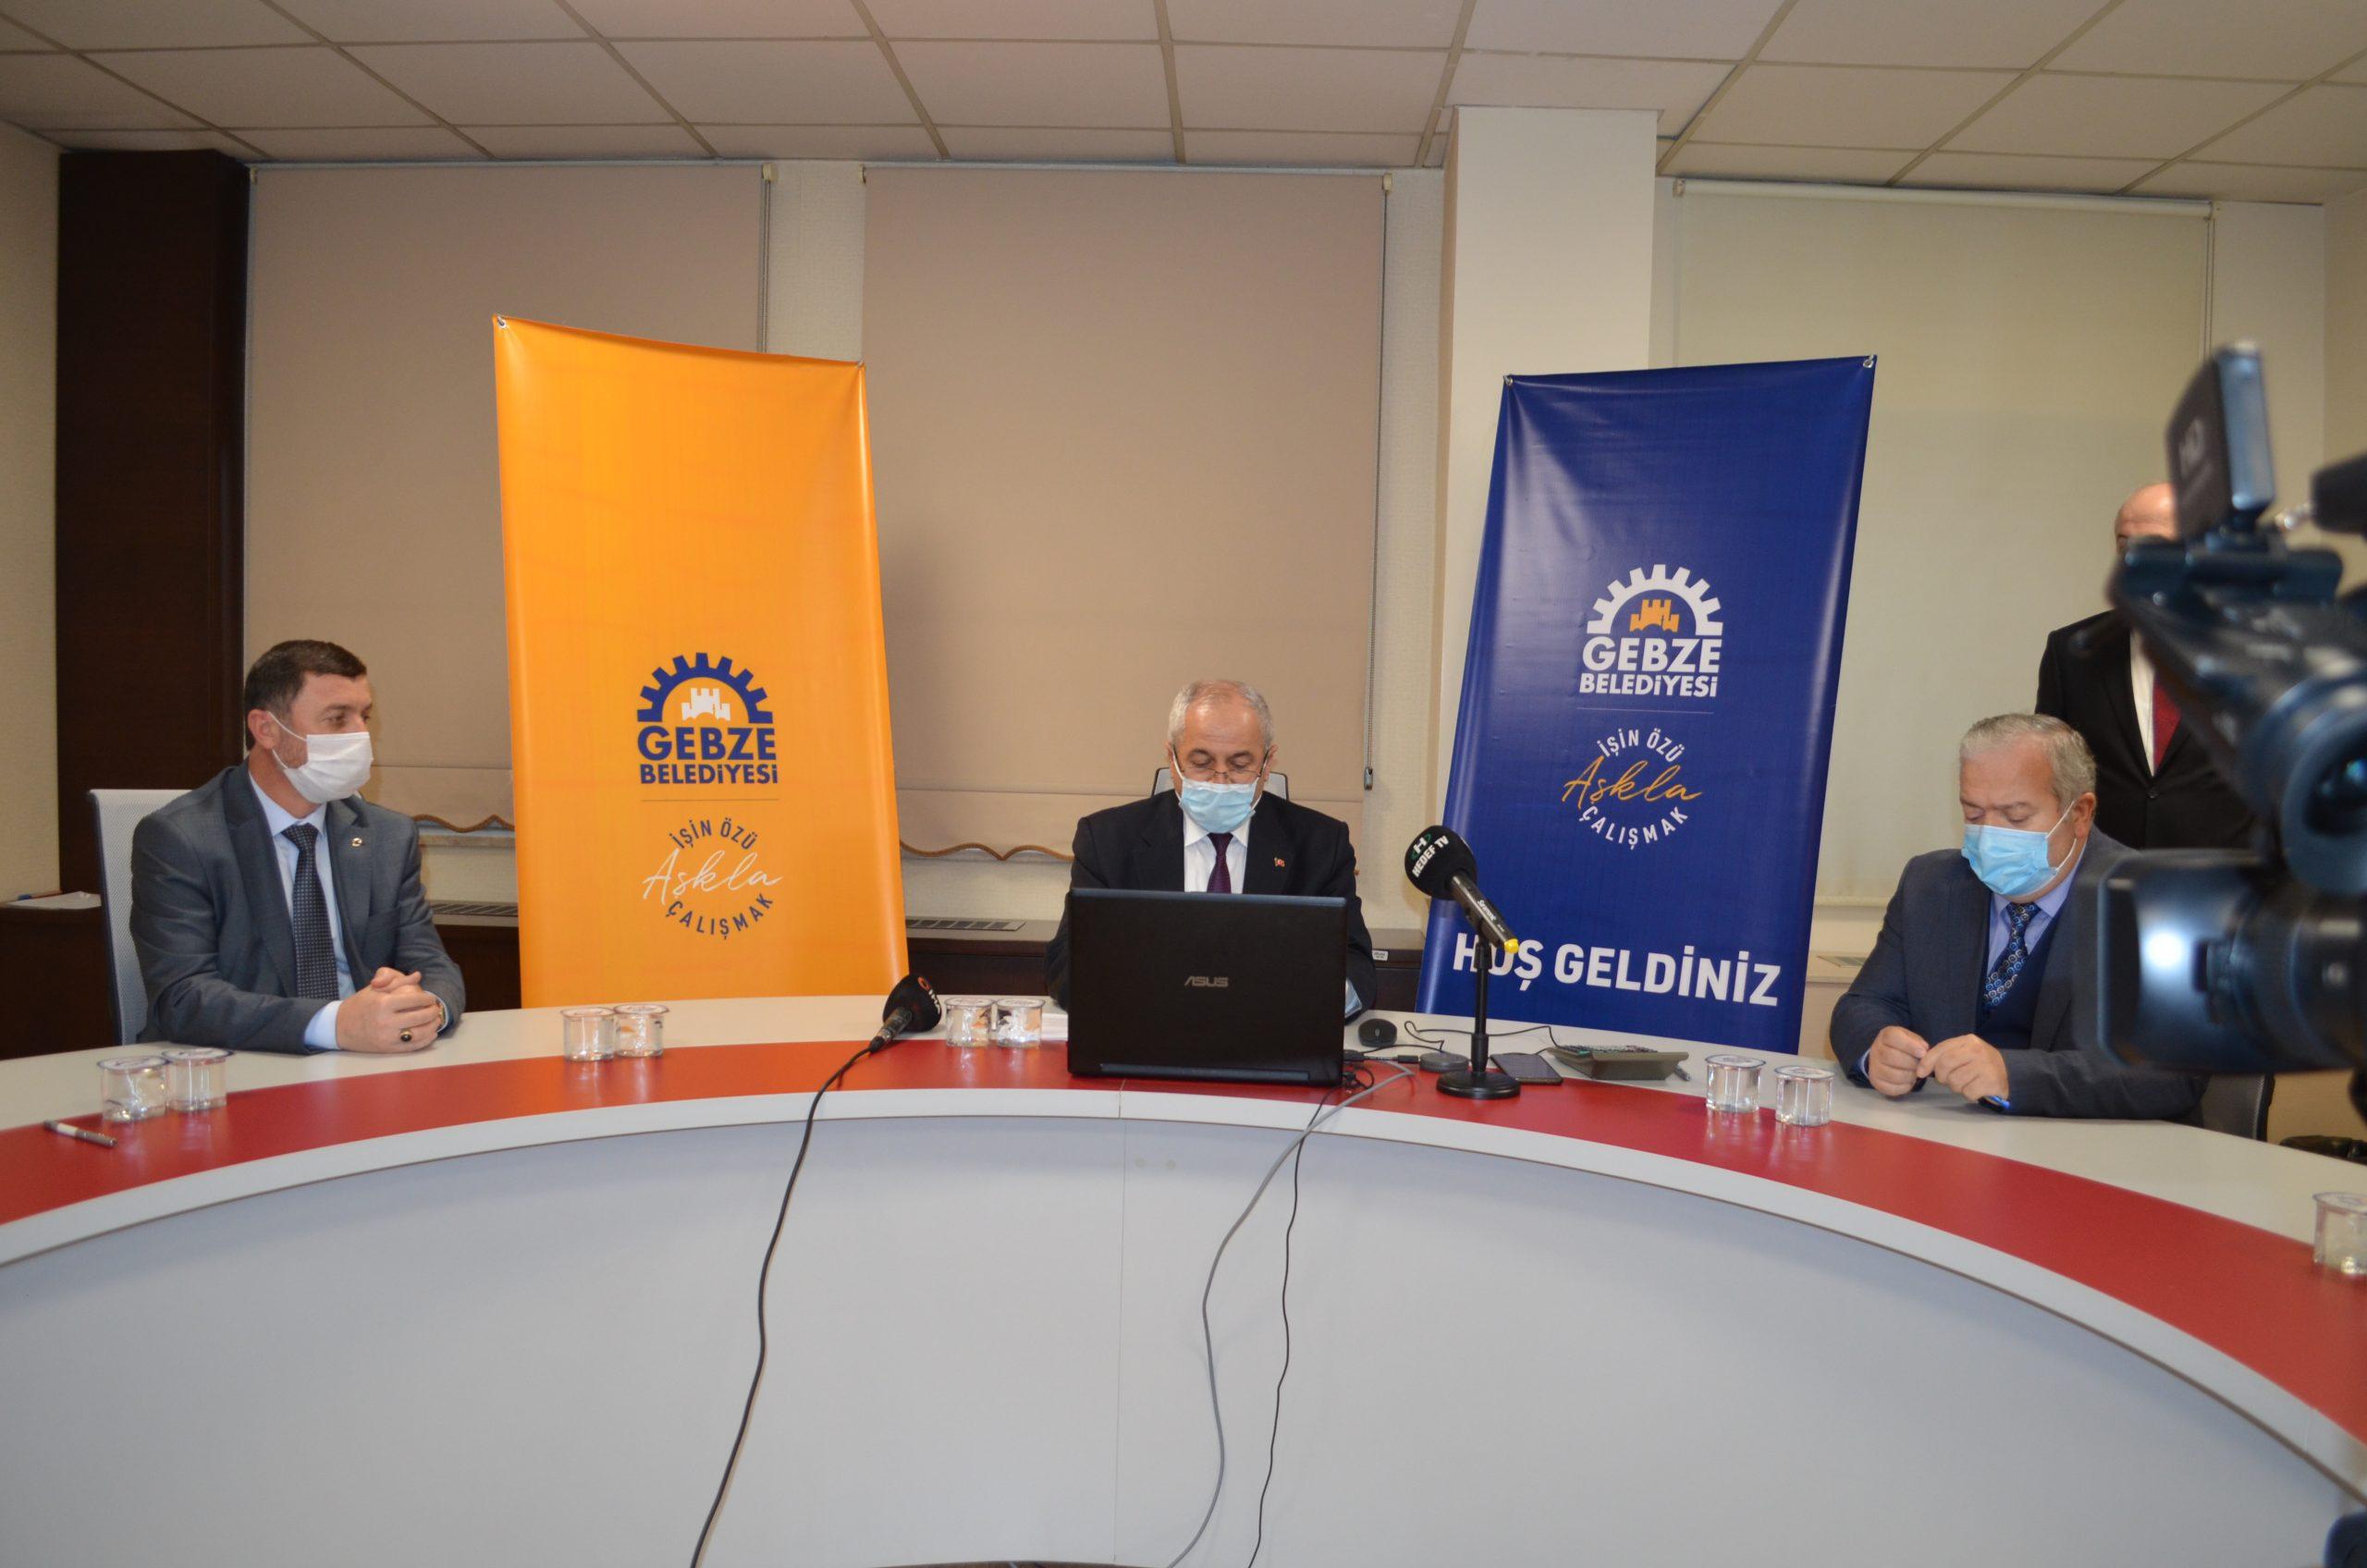 """Başkan Büyükgöz: """"İstanbul, sokak köpeklerini Gebze'ye bırakıyor!"""""""